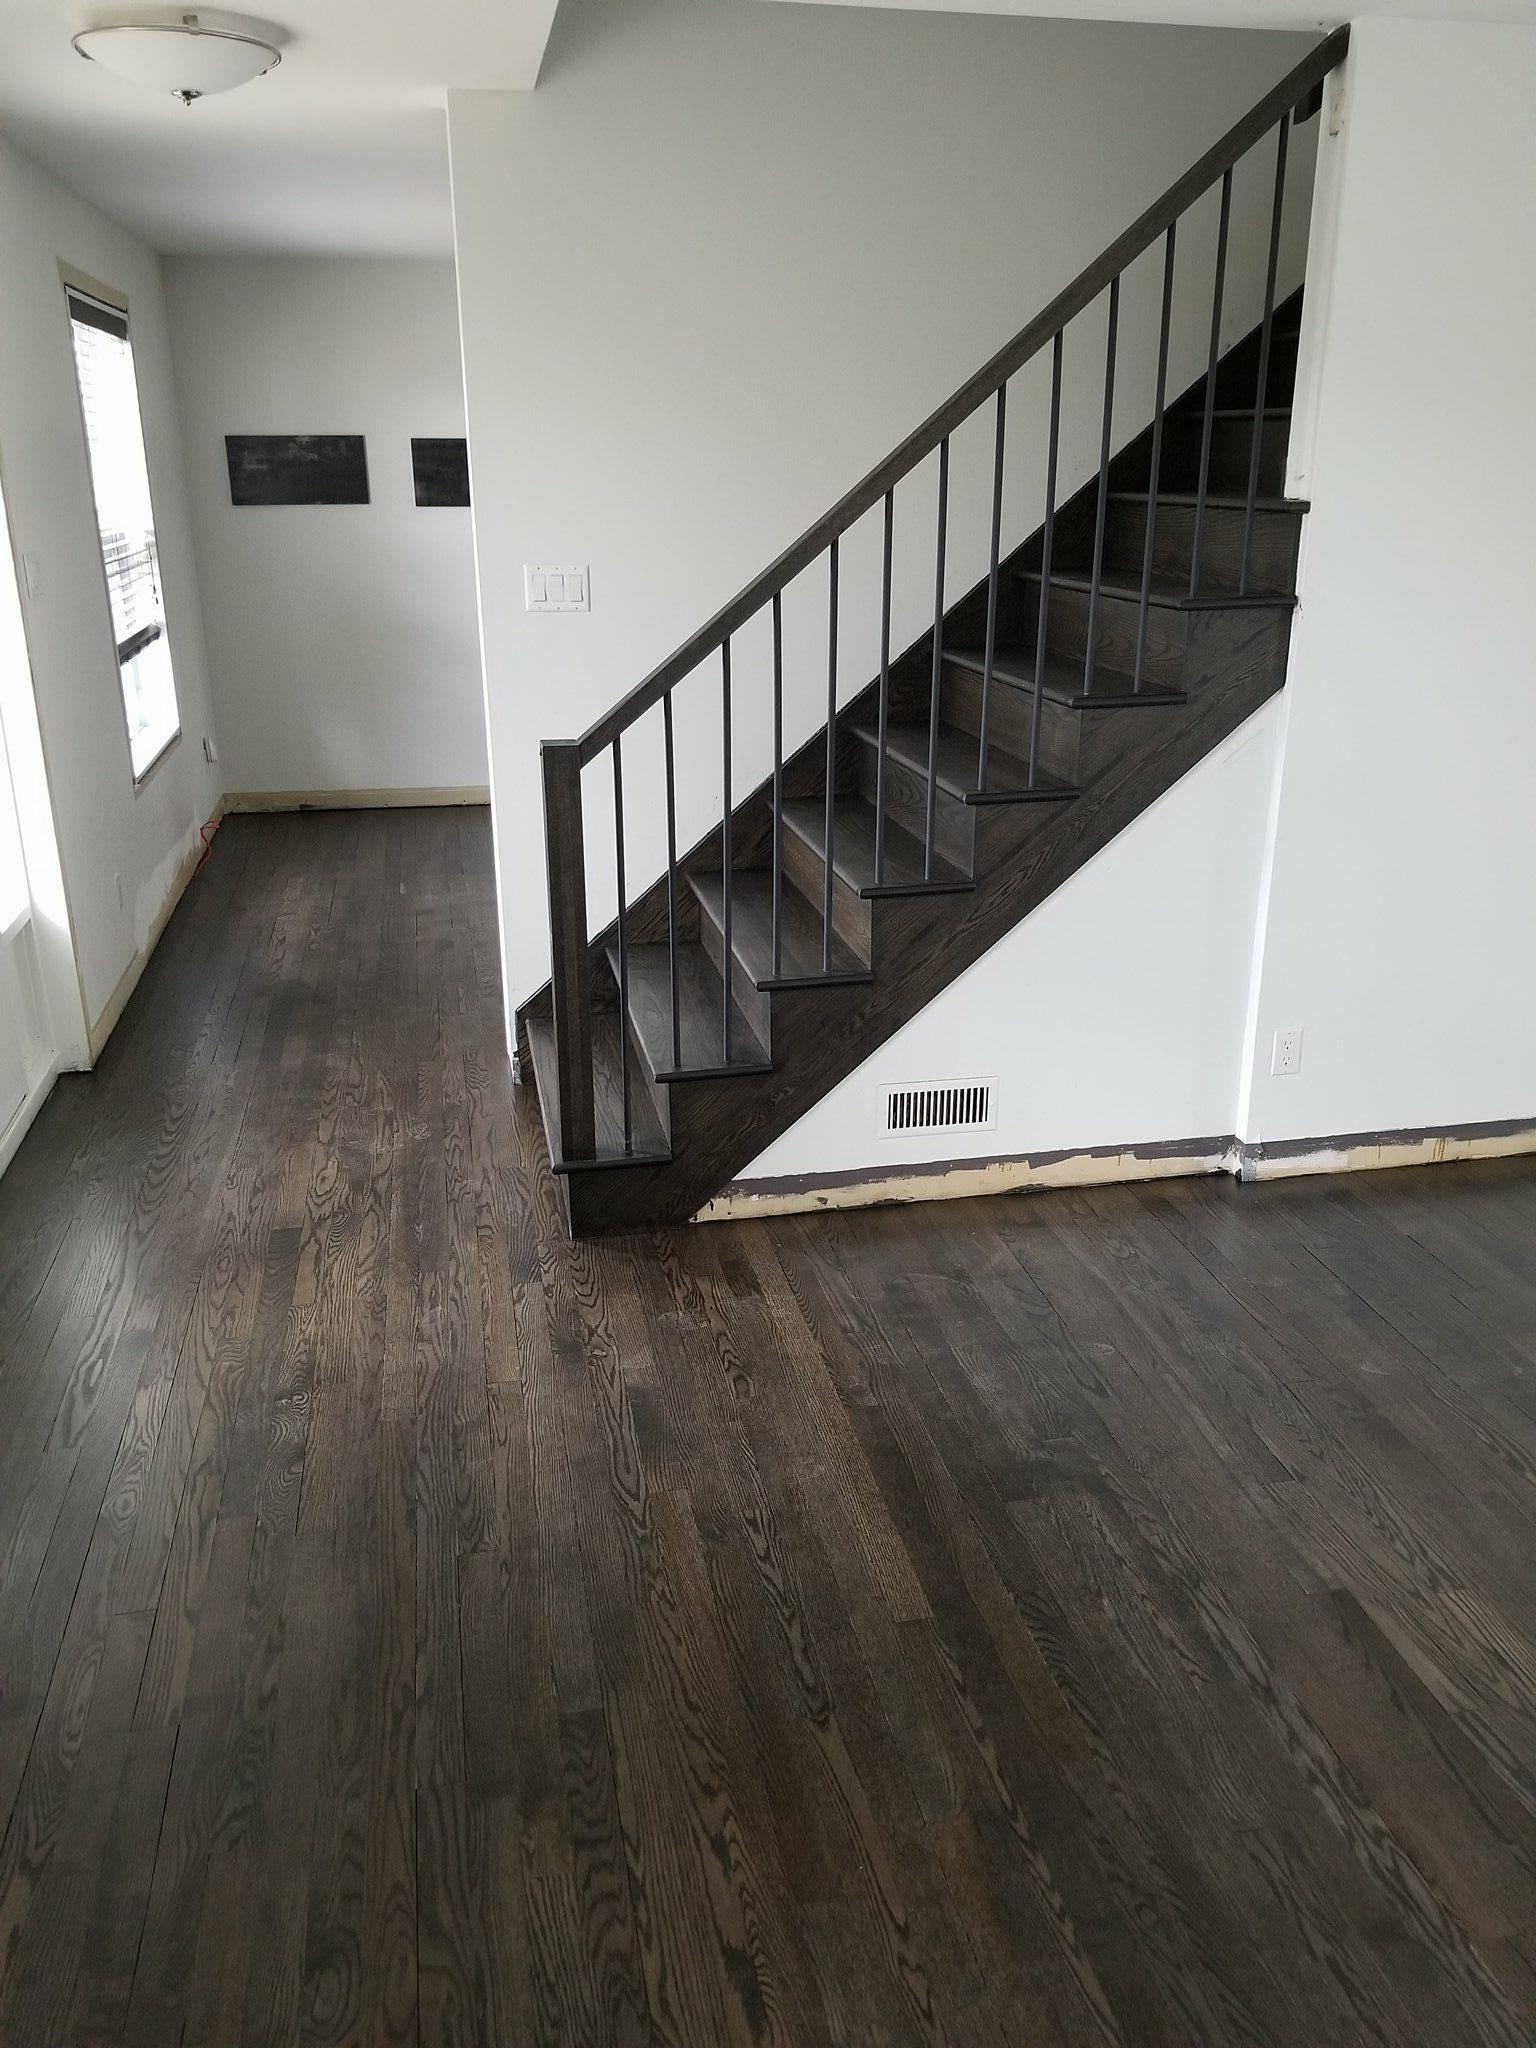 Escalier et plancher en chêne